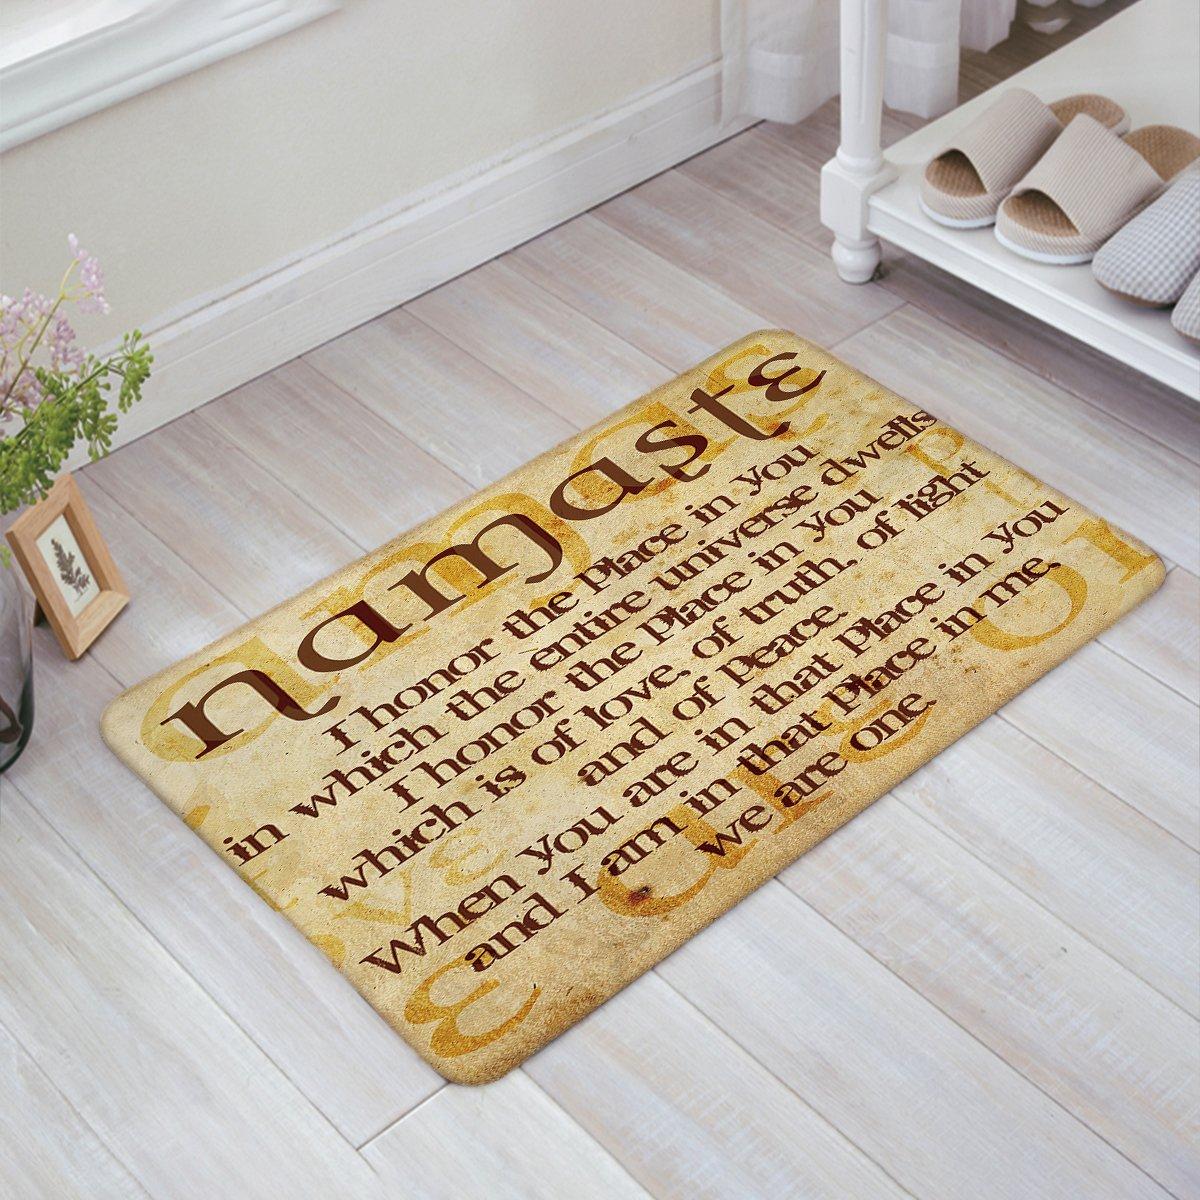 WomenFocus Entrance Welcome Door Mat Namaste Quote Christian Faith Indoor Shoe Scraper Doormat Floor Rugs for Front Door/Kitchen/Bathroom Non Slip, 32''x20''